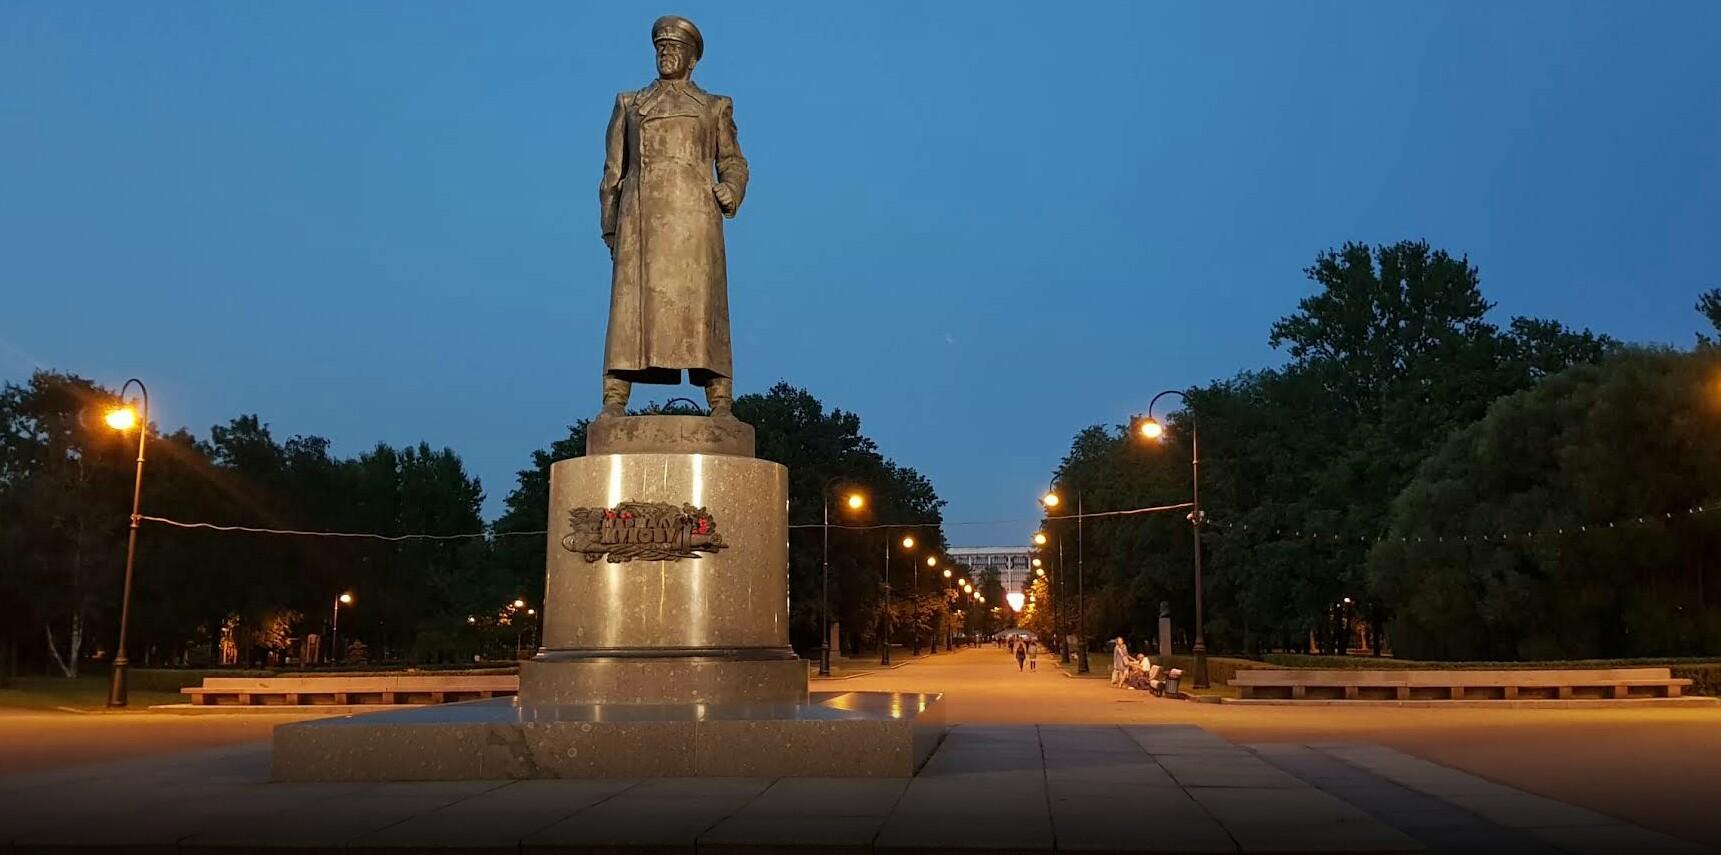 Памятник маршалу Г. К. Жукову в Санкт-Петербурге